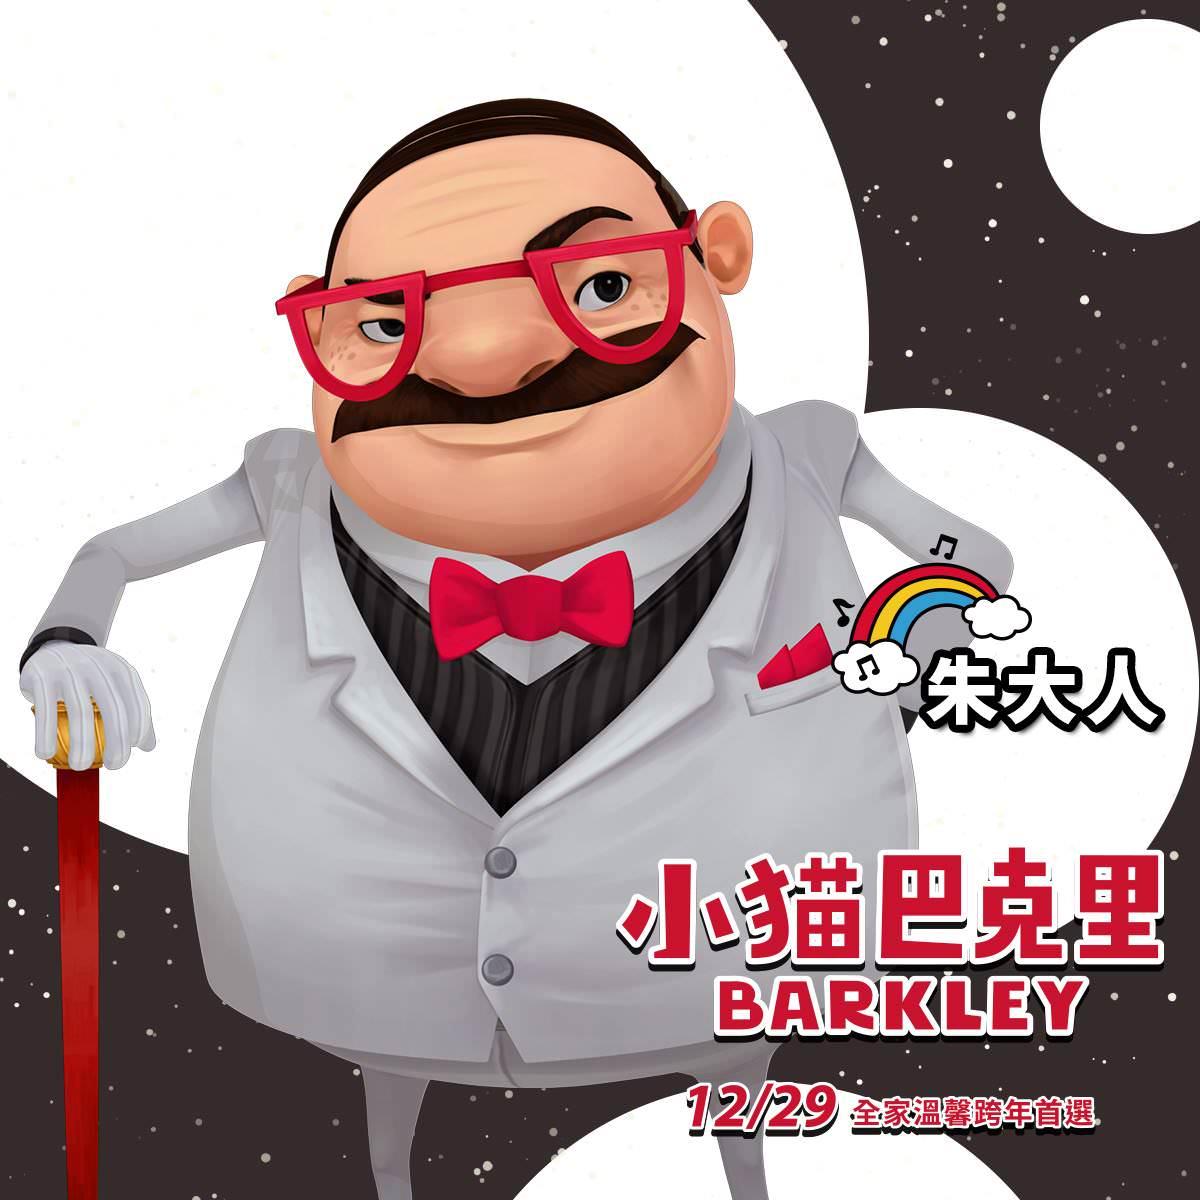 Movie, 小貓巴克里(台灣, 2017年) / 小猫巴克里(中國) / Barkley(英文), 角色介紹卡, 角色與配音卡司介紹